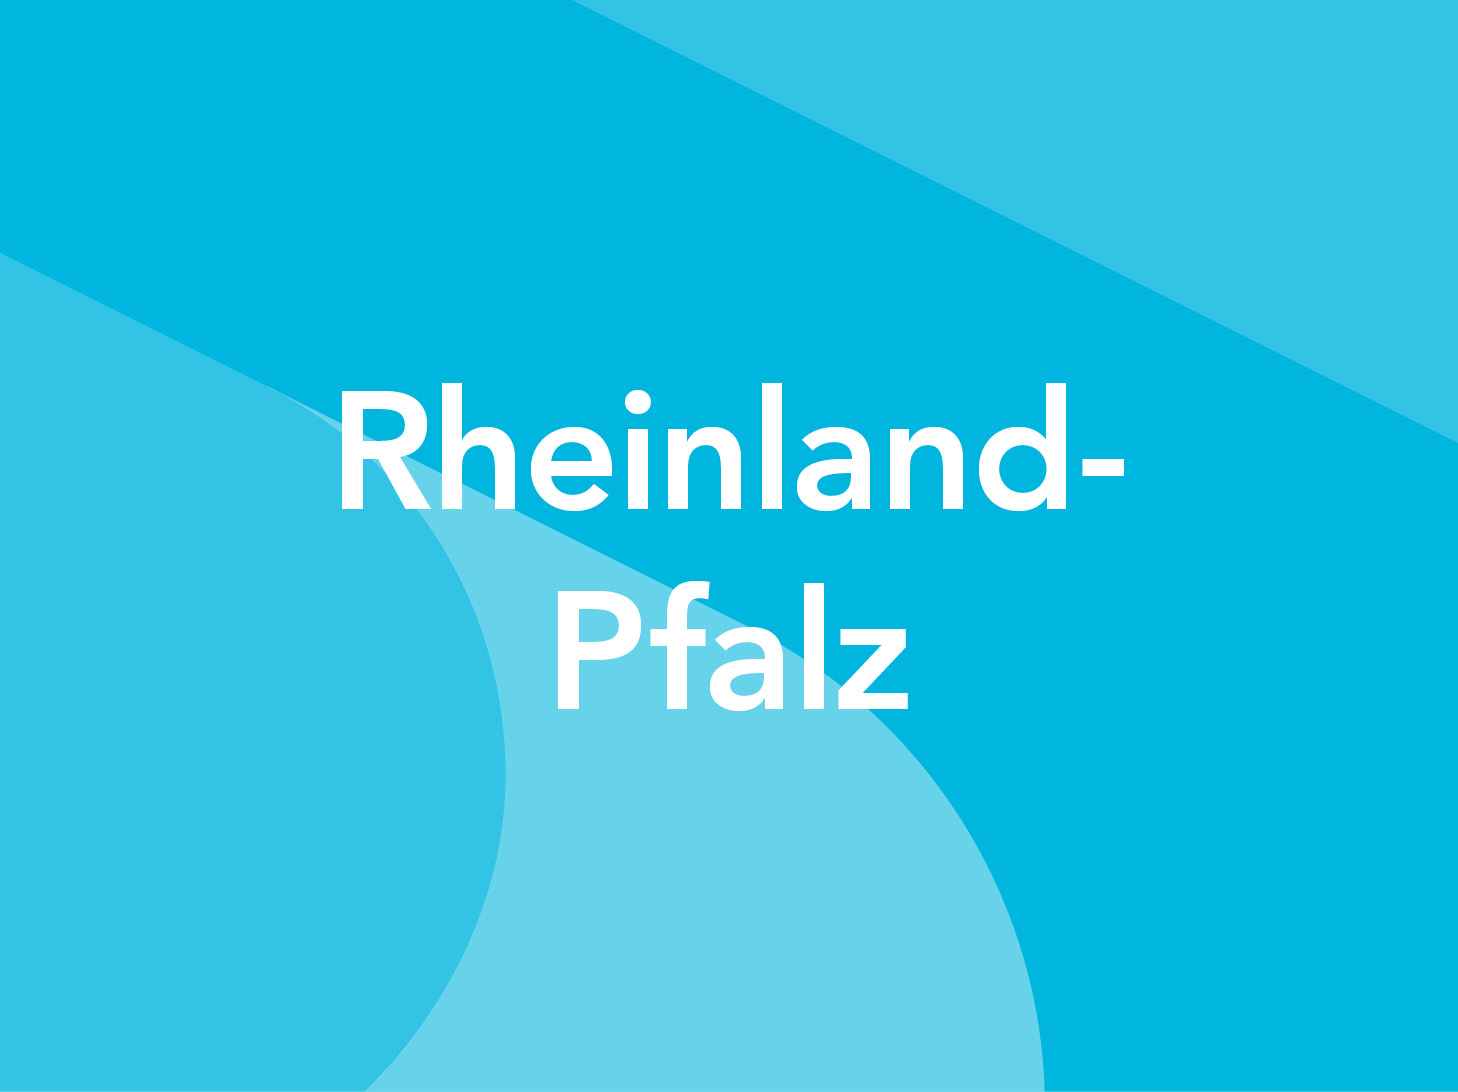 Rheinland-Pfalz Portfolio Stephan